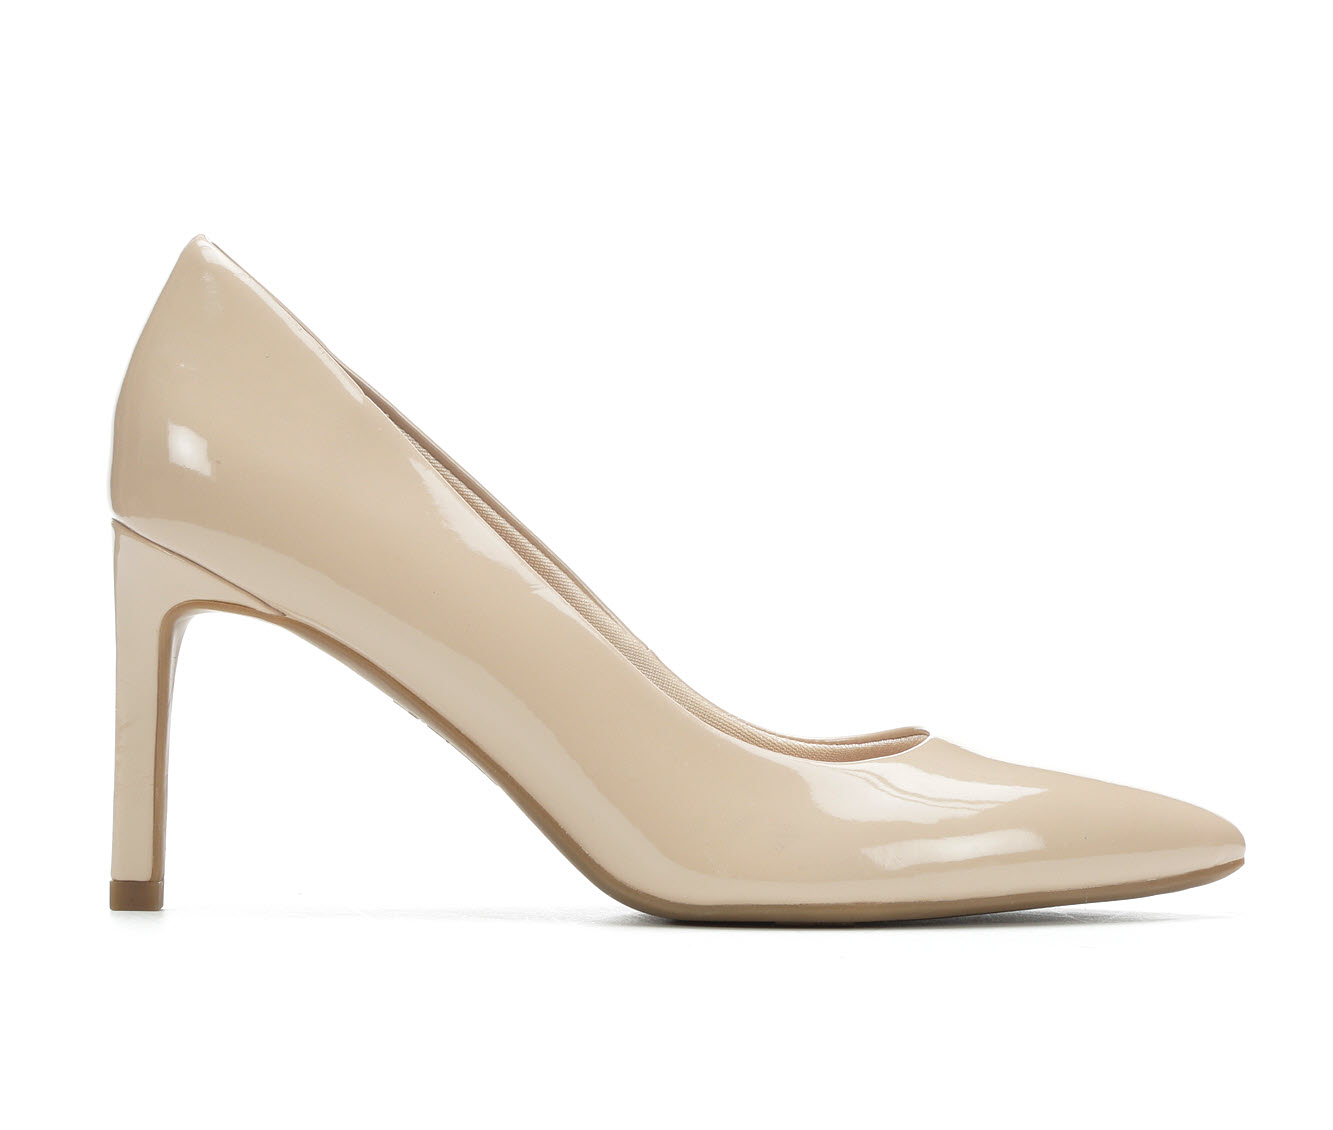 LifeStride Nadine Women's Dress Shoe (Beige Faux Leather)